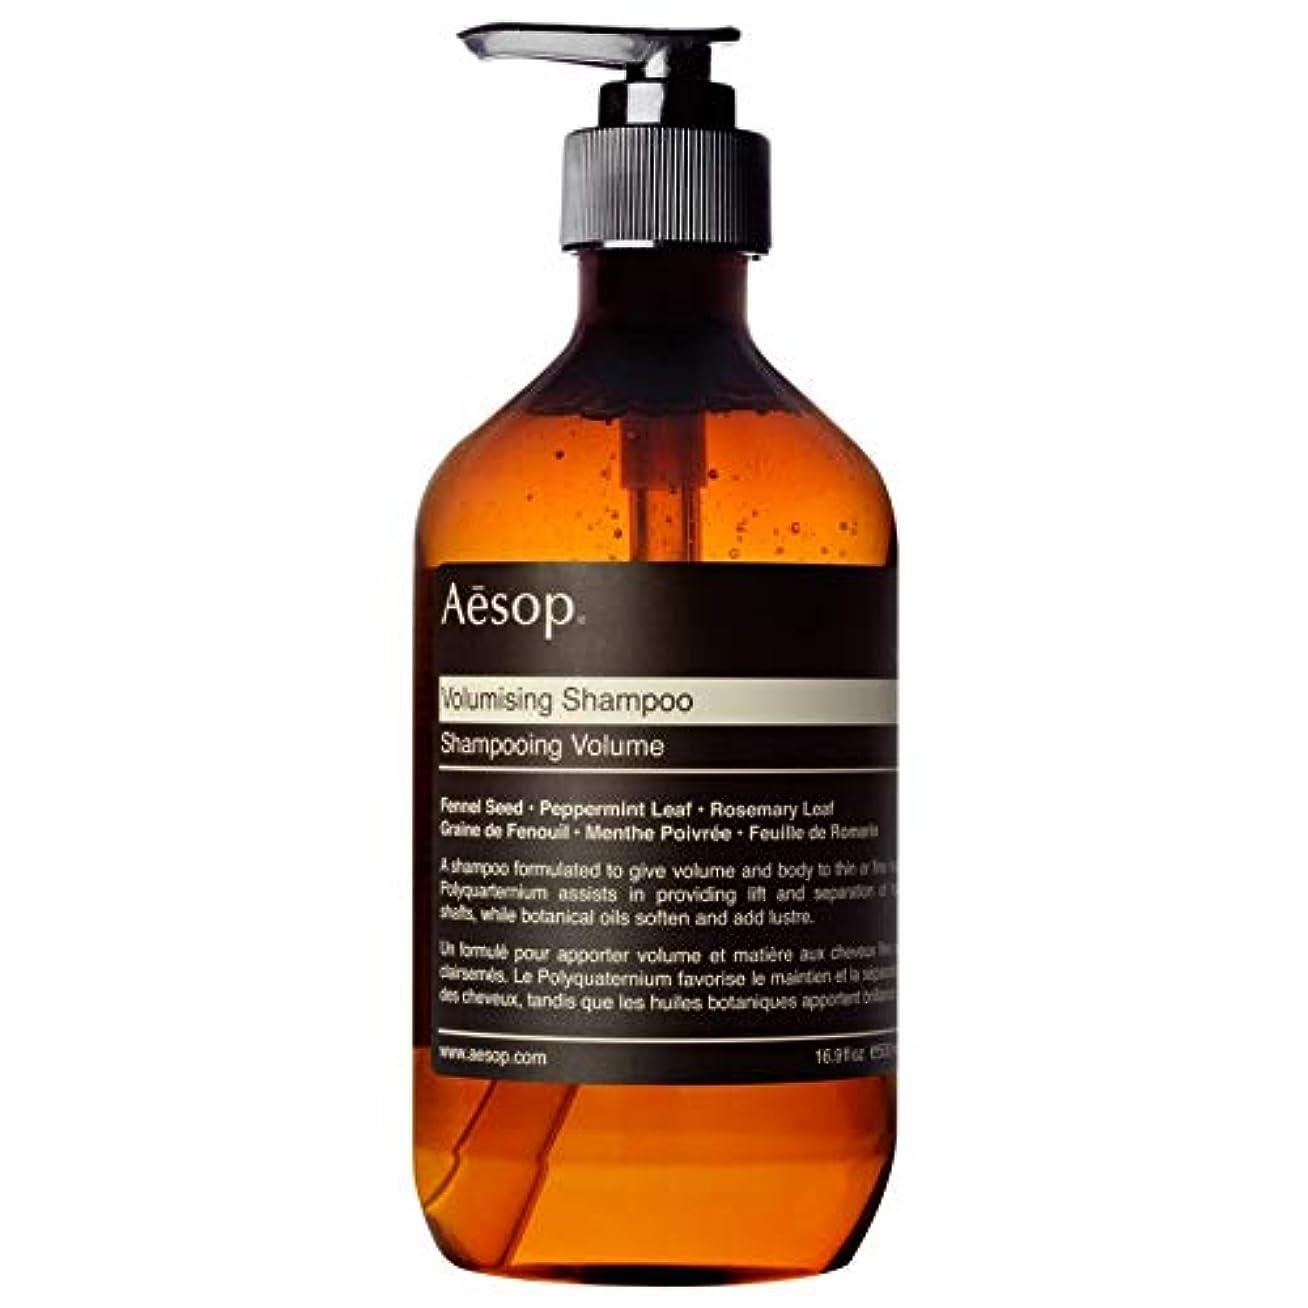 月曜日ゴシップ恐ろしい[Aesop ] イソップVolumisingシャンプー500ミリリットル - Aesop Volumising Shampoo 500ml [並行輸入品]